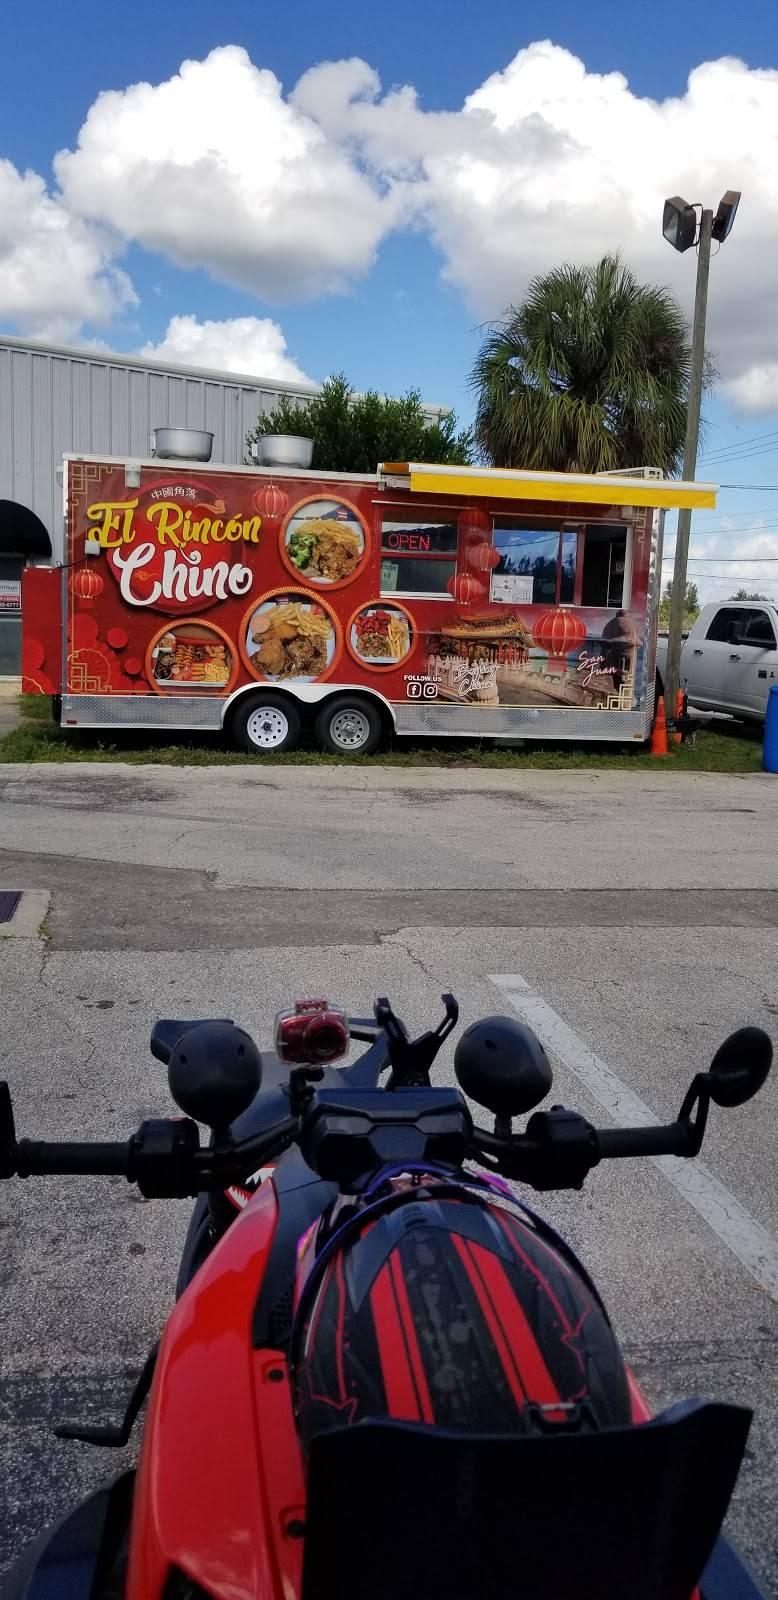 El Rincon Chino, Food Truck | restaurant | 1600 SW 17th Ave, Ocala, FL 34471, USA | 3522099461 OR +1 352-209-9461